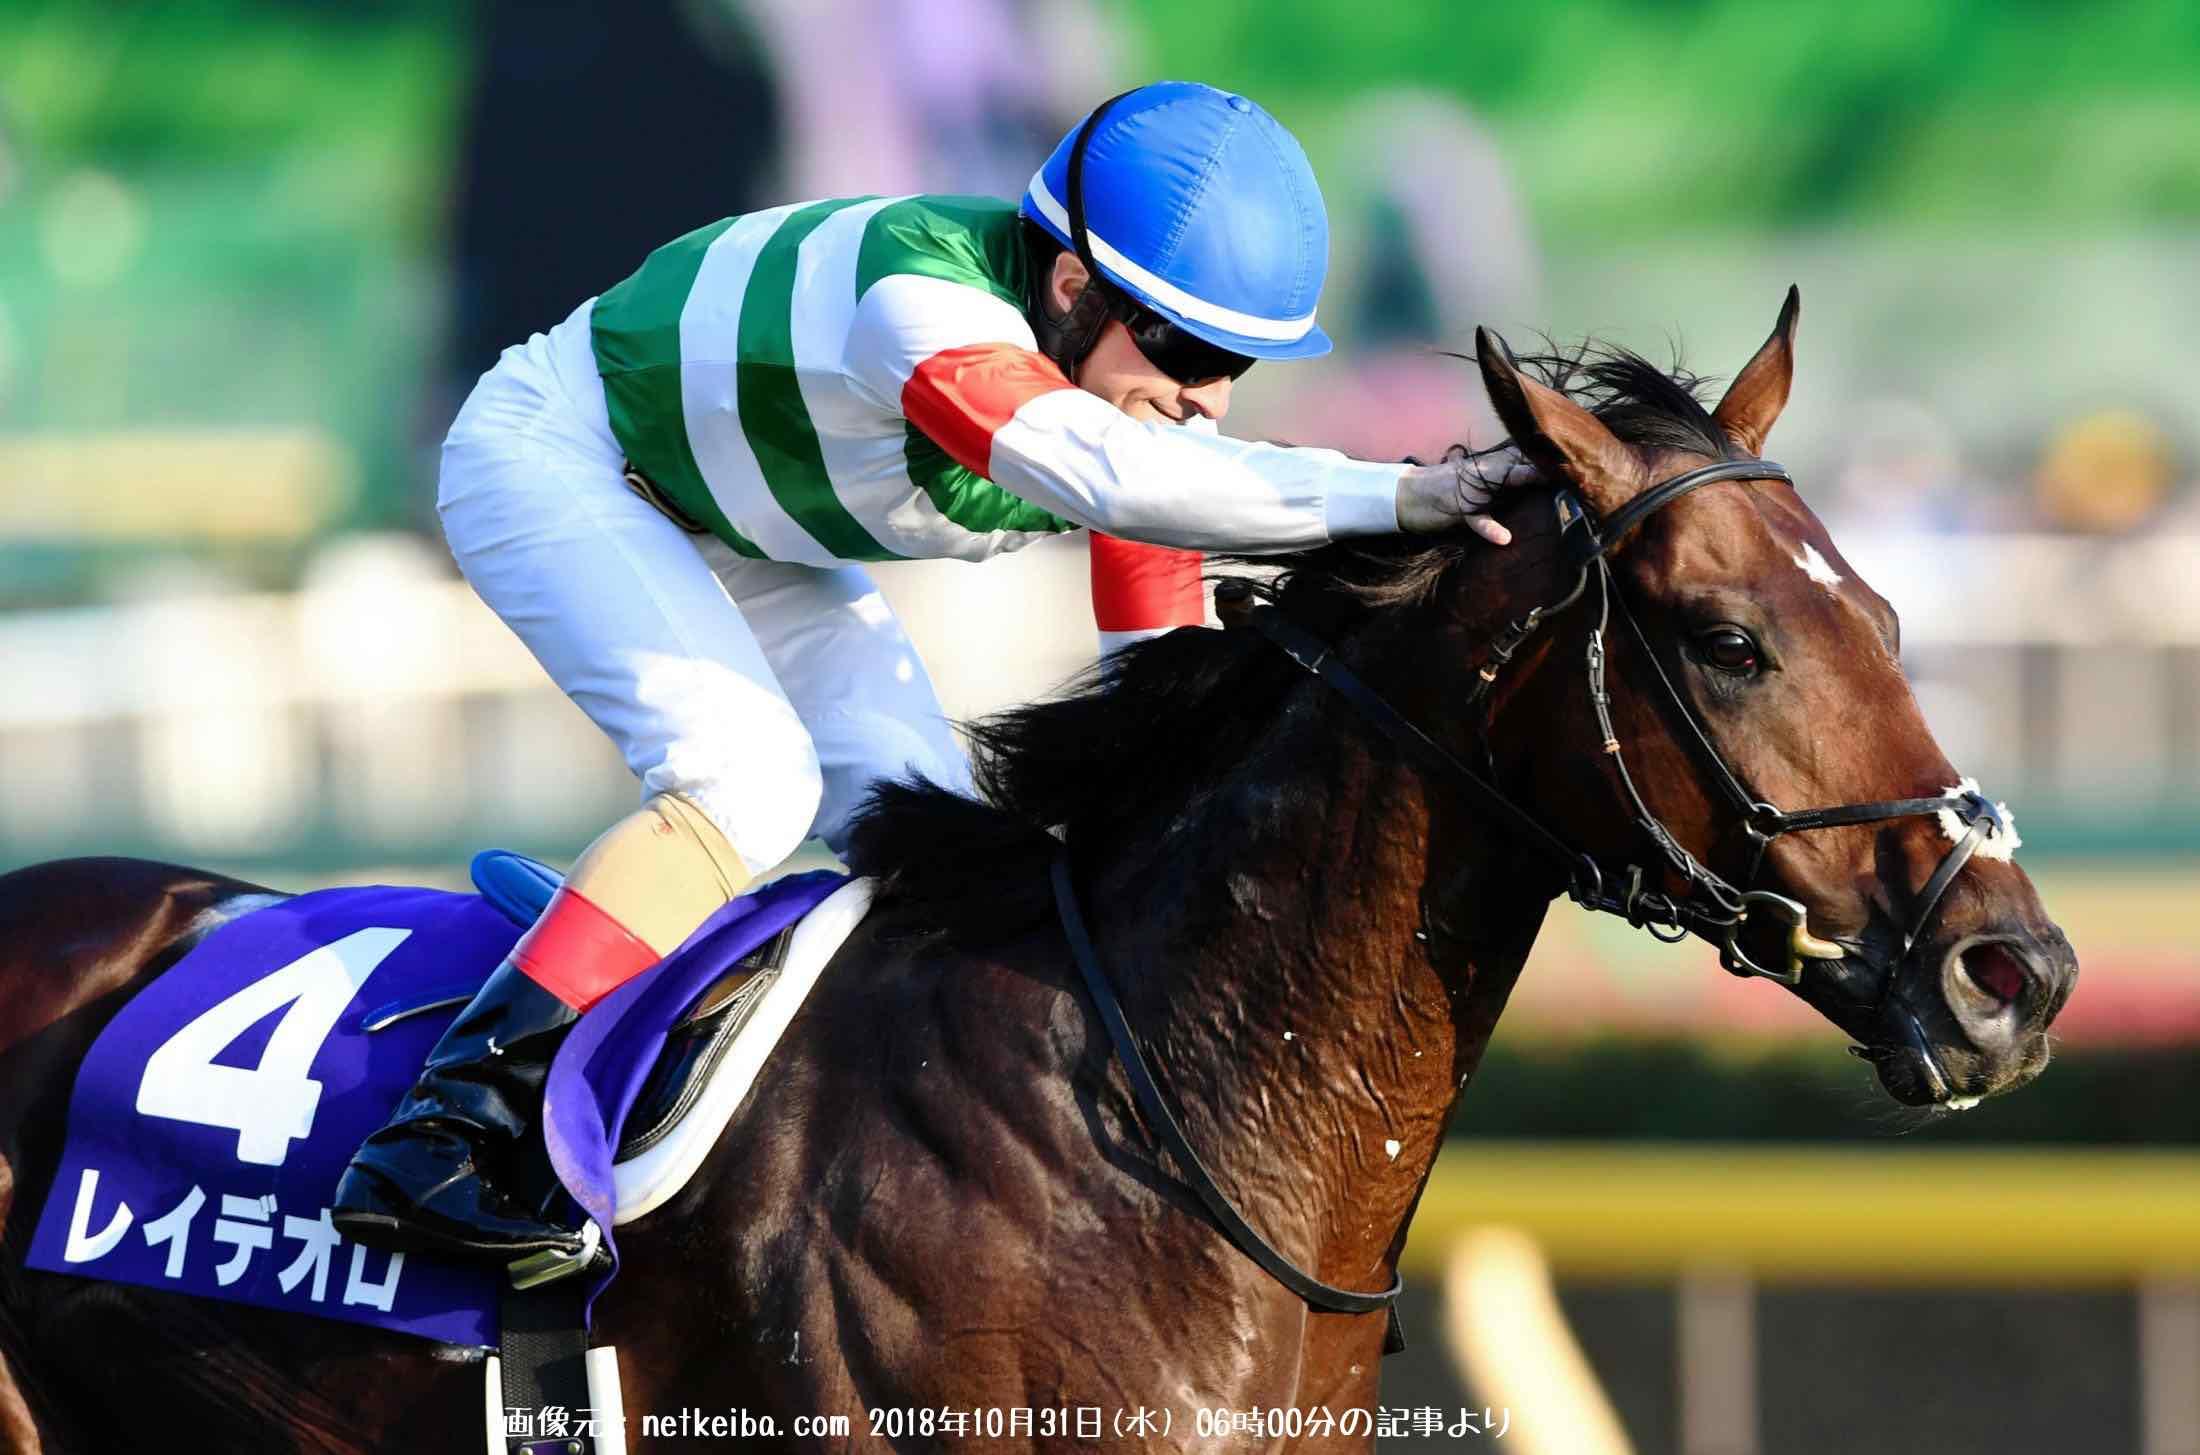 2018有馬記念で人気1位のレイデオロという馬の写真画像